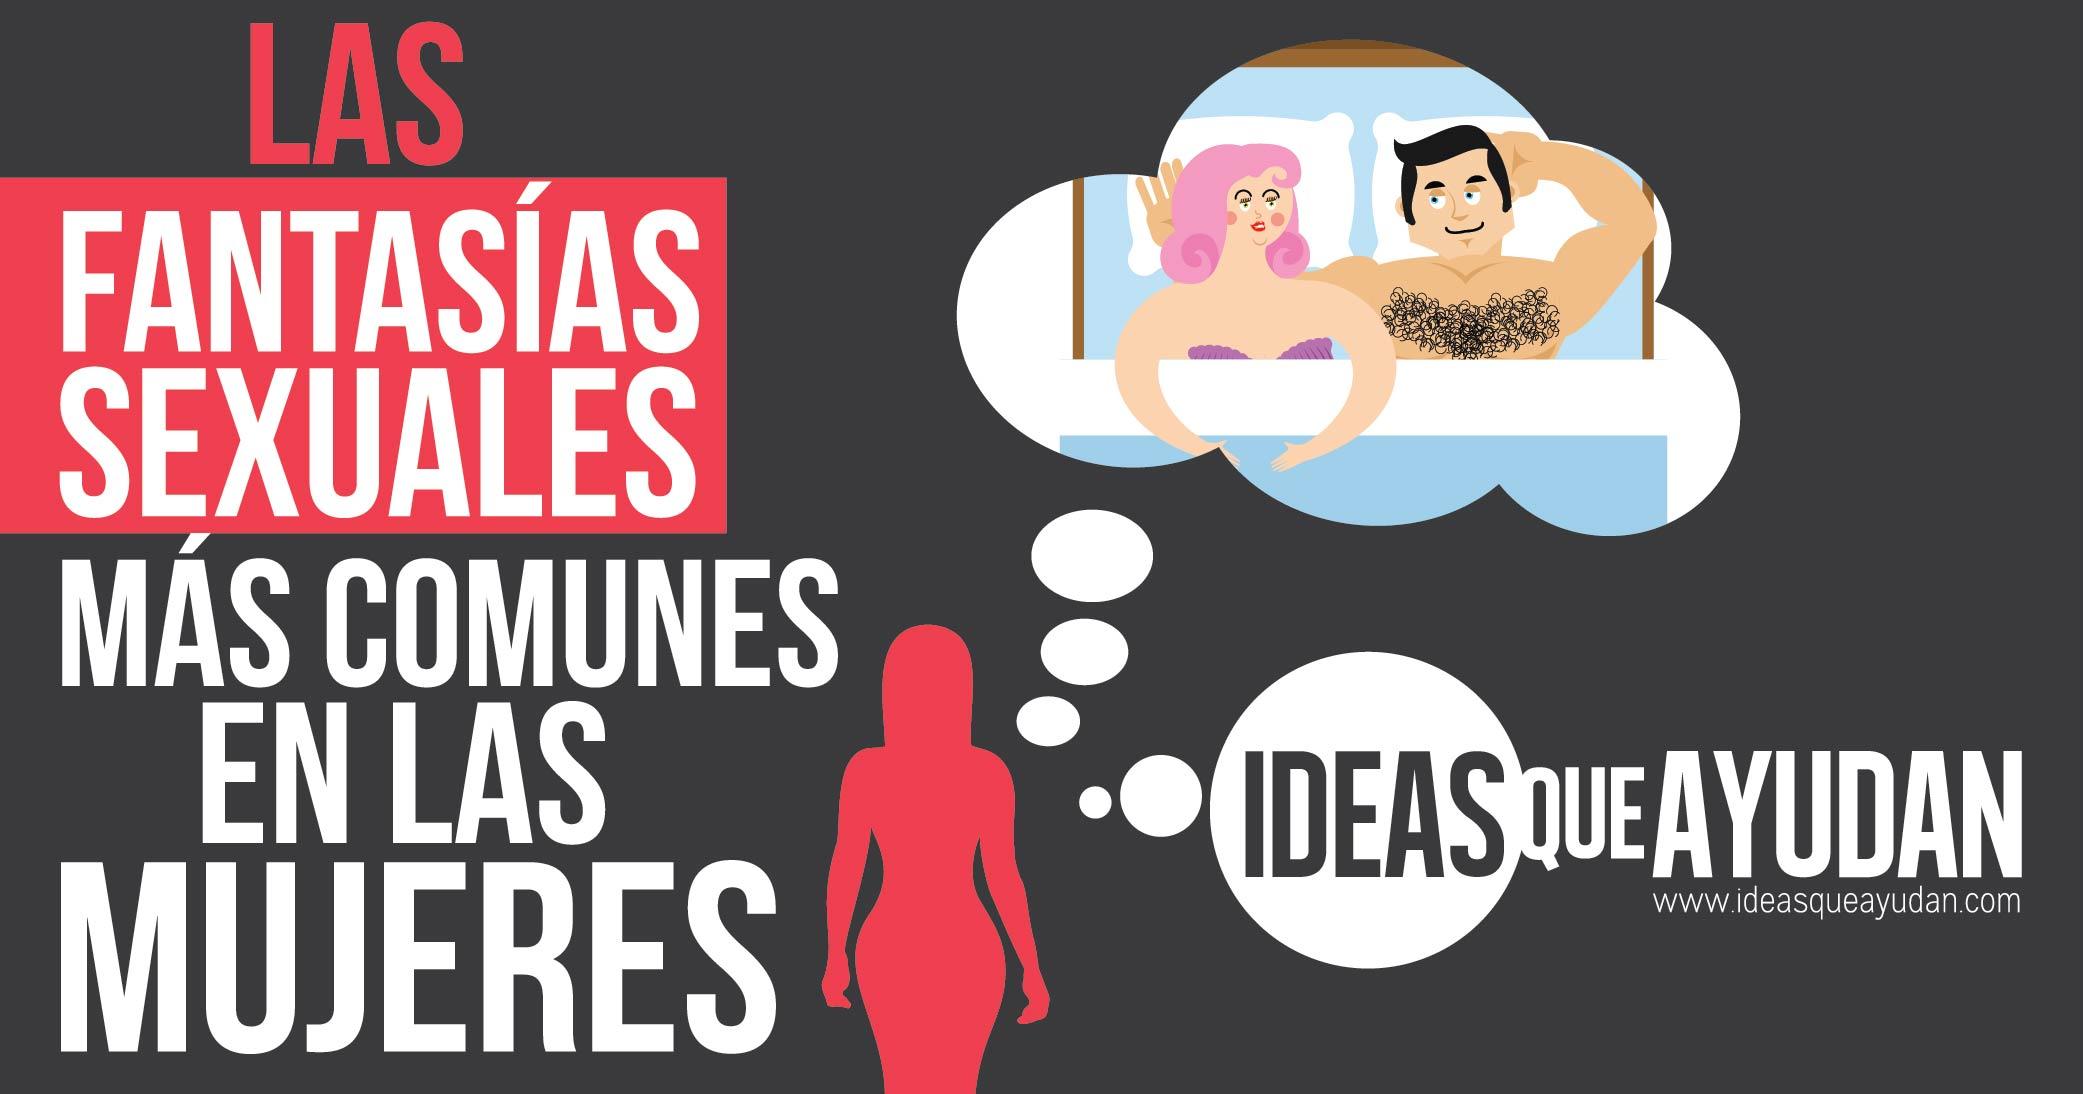 9d3b442e9 Fantasías sexuales más comunes en las mujeres - Ideas Que Ayudan